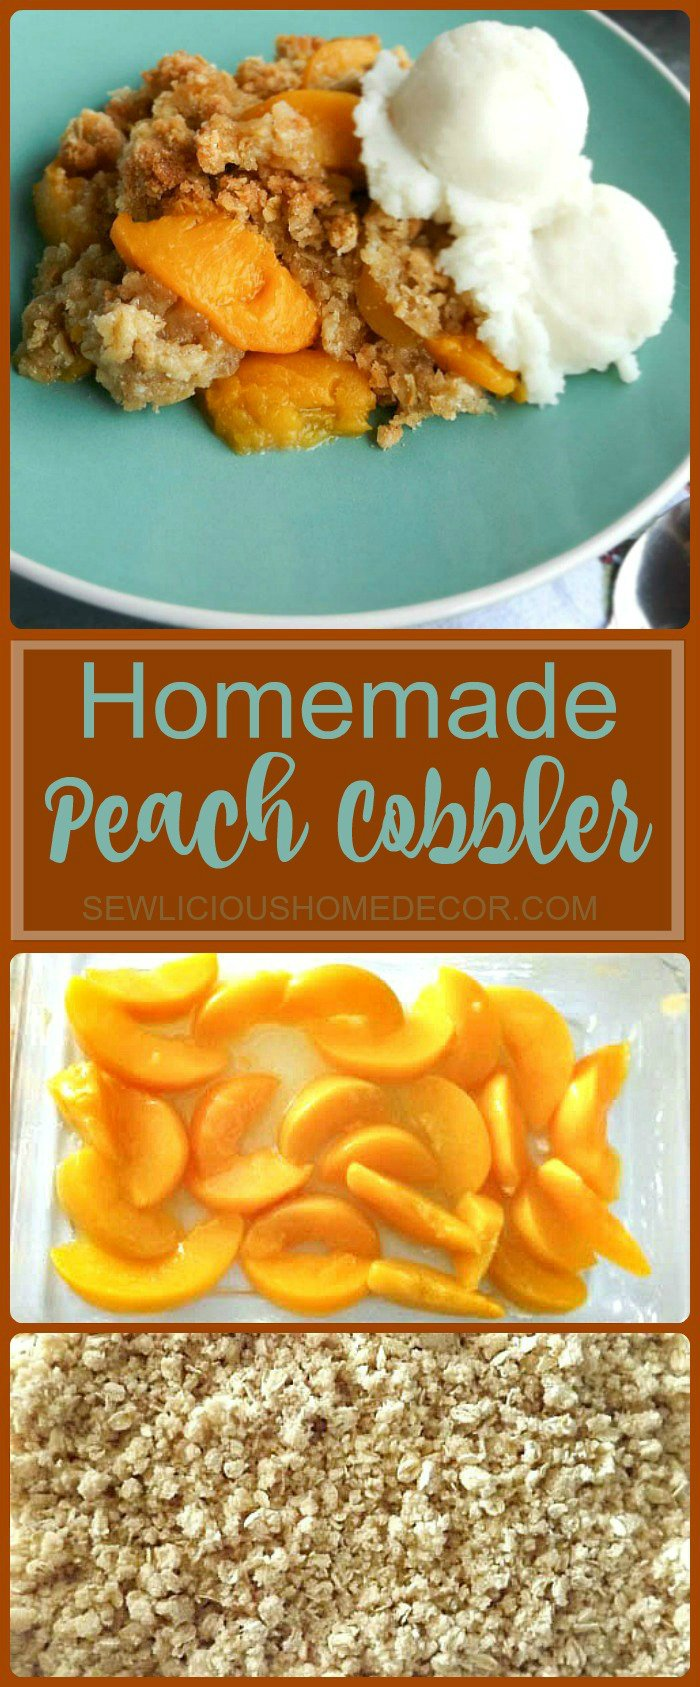 Homemade Peach Cobbler sewlicioushomedecor.com